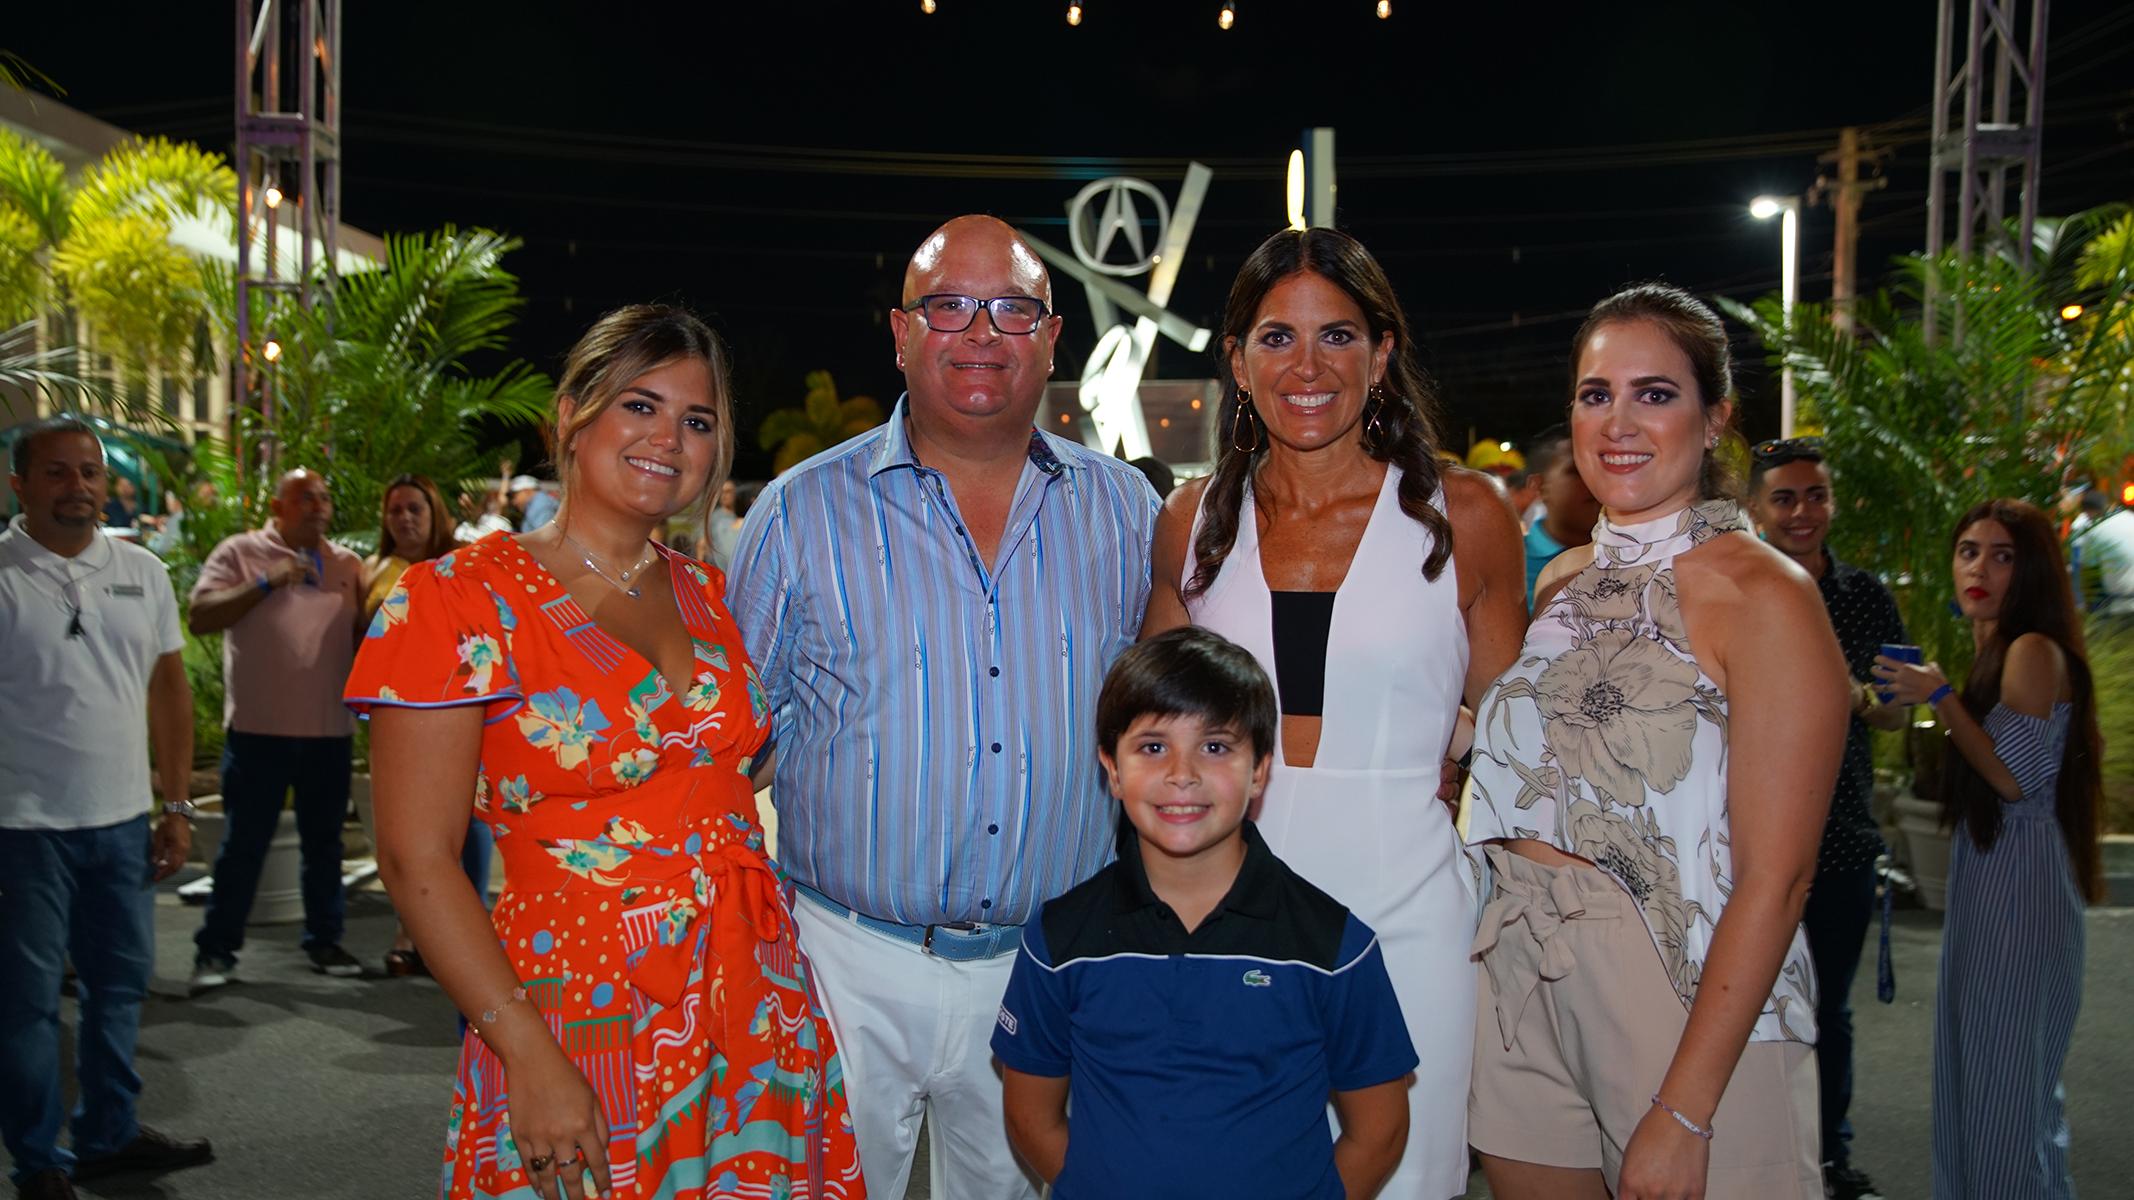 Cecilia López-Lay, Carlos López-Lay, María Esteve, María Isabel López-Lay  y, al frente, José Carlos López-Lay. Suministrada